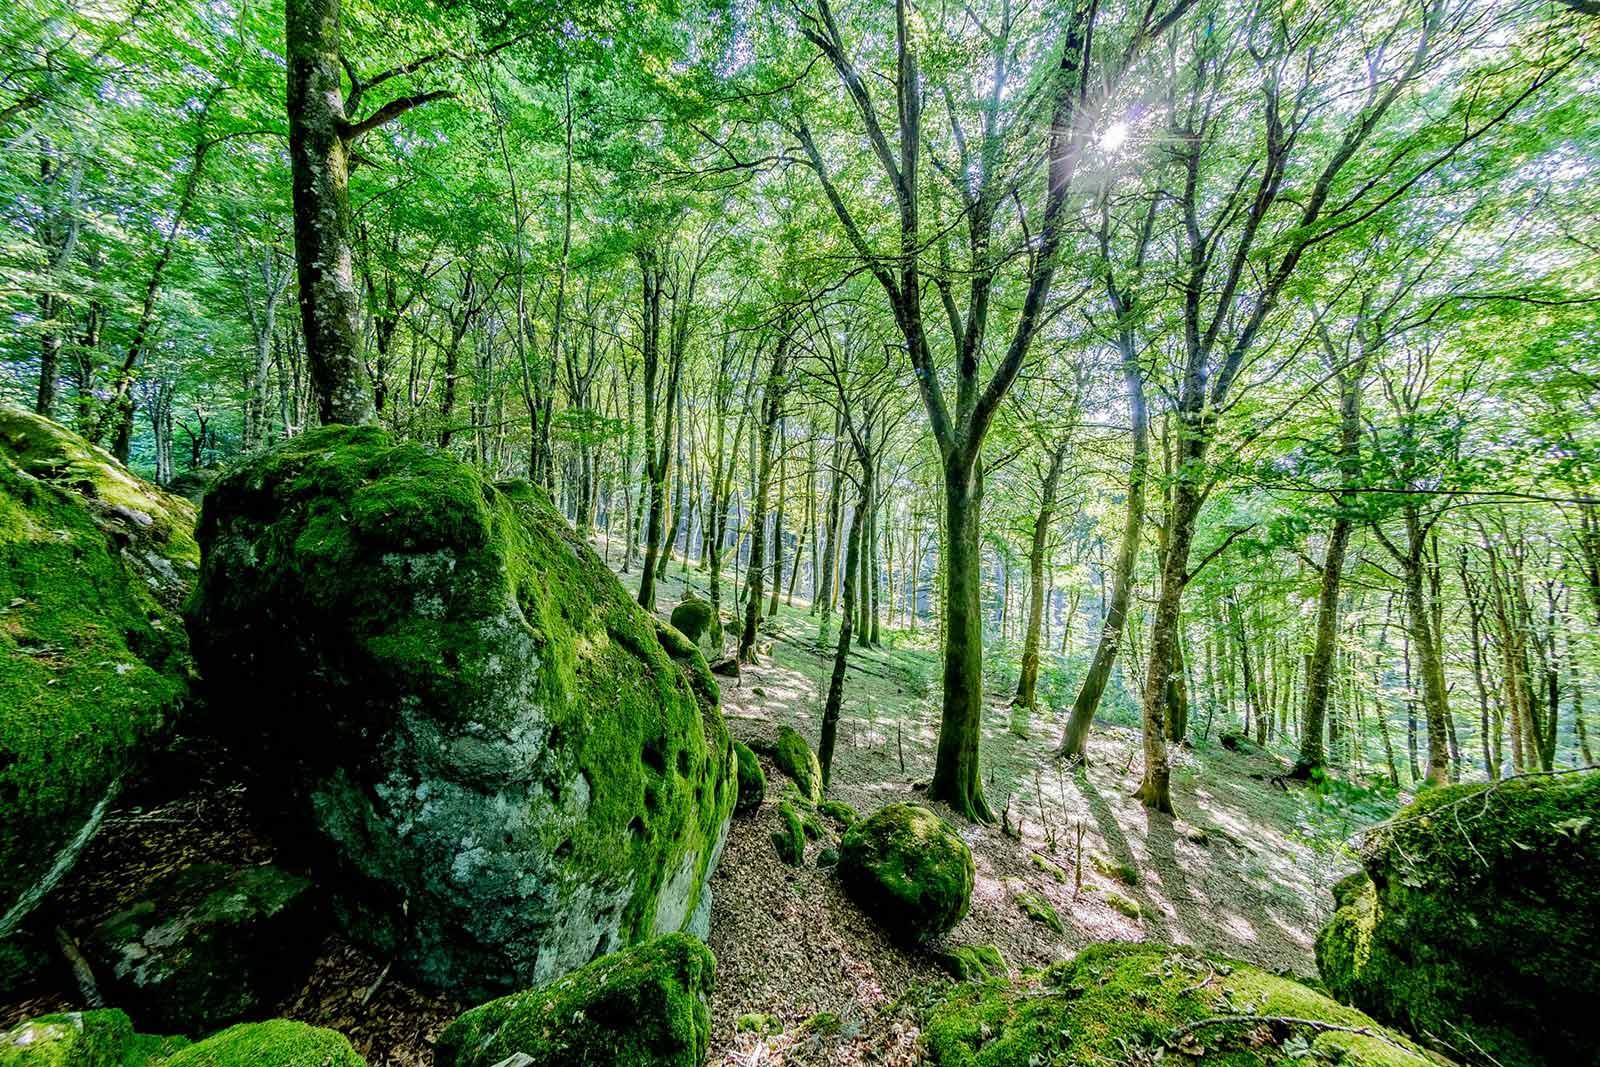 La pietra naturale dei monti cimini micci peperino for Micci peperino